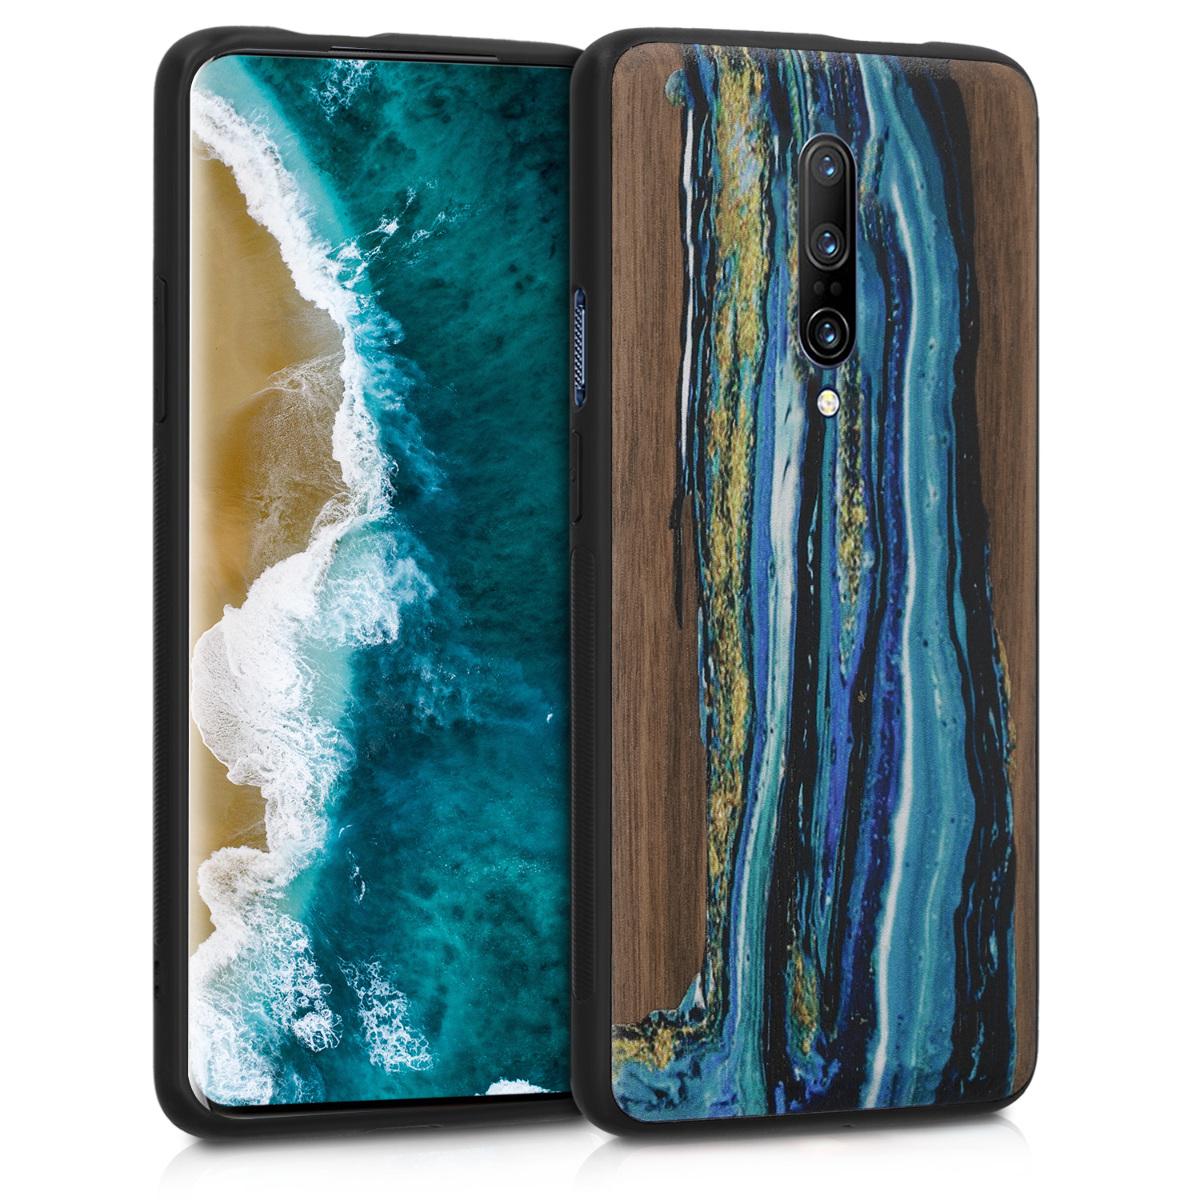 KW Σκληρή Ξύλινη Θήκη OnePlus 7 Pro - Watercolor Waves (48598.01)